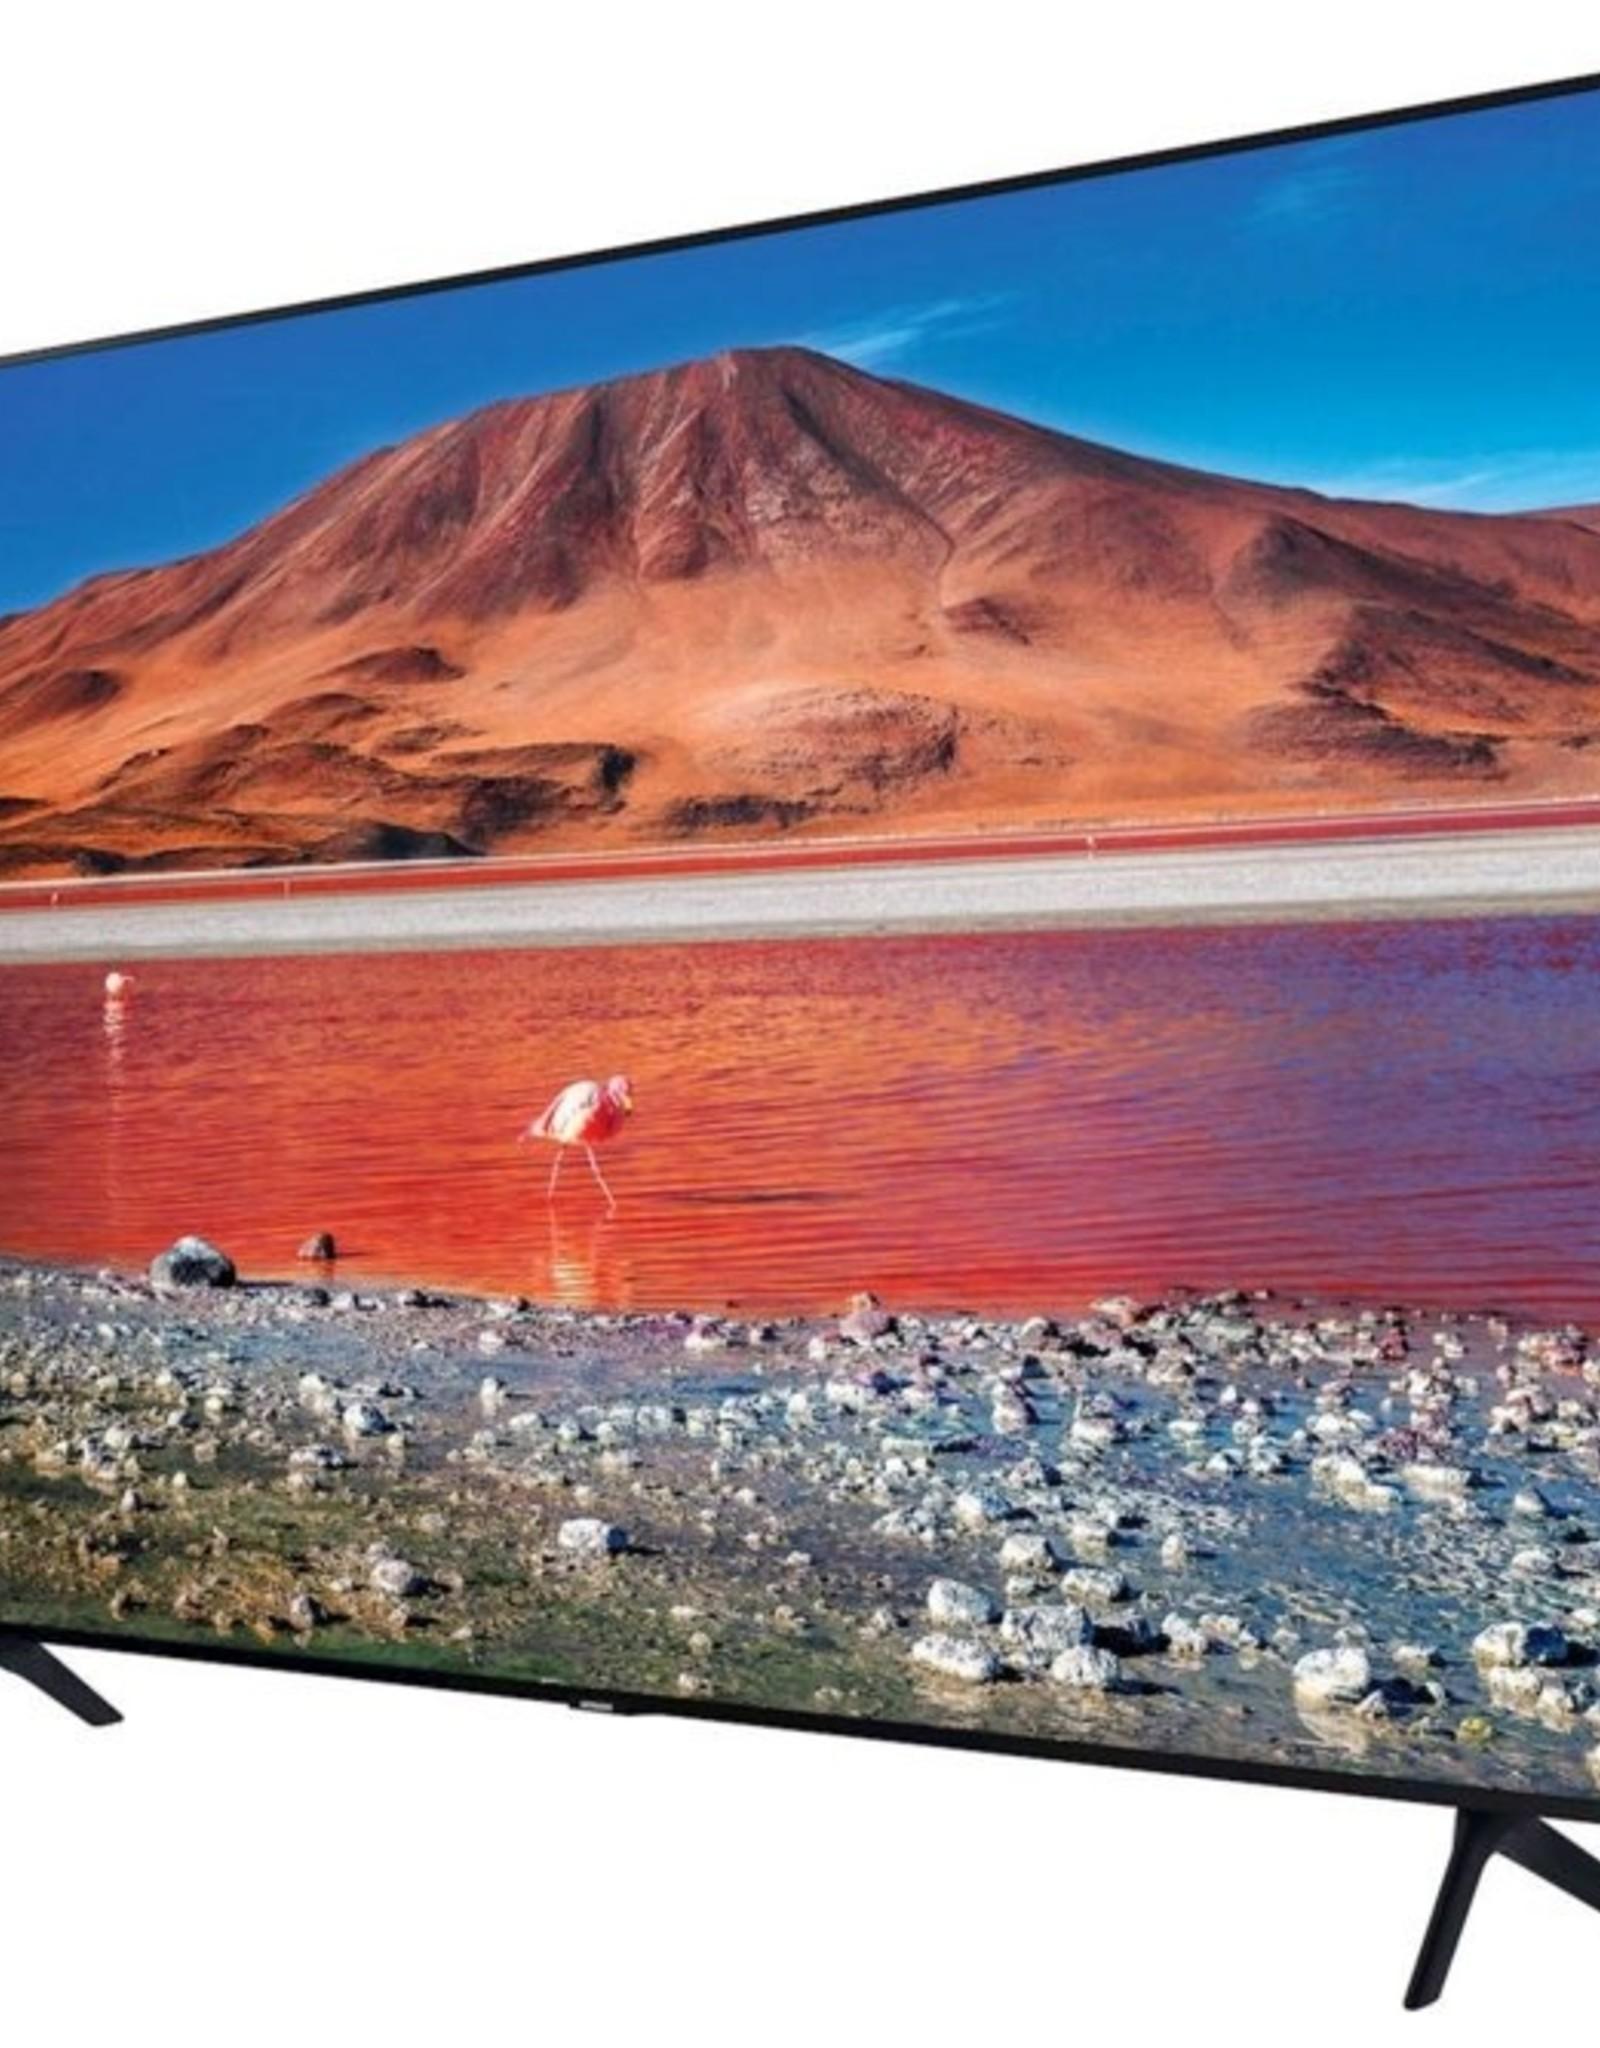 TV / 55inch / 4K Ultra HD / Smart / Black